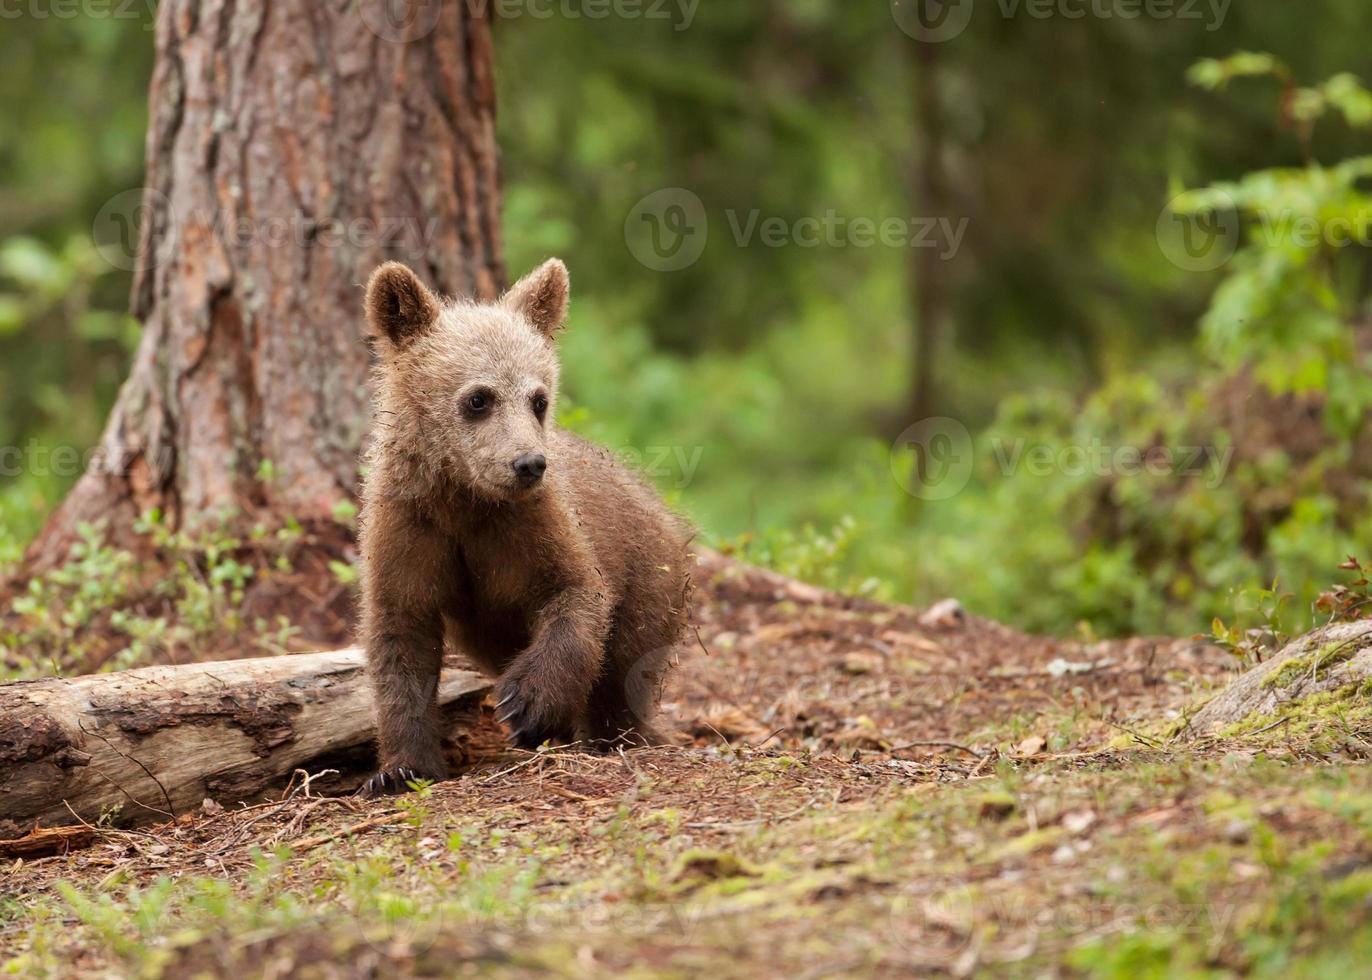 cachorro de oso pardo euroasiático (ursos arctos) foto